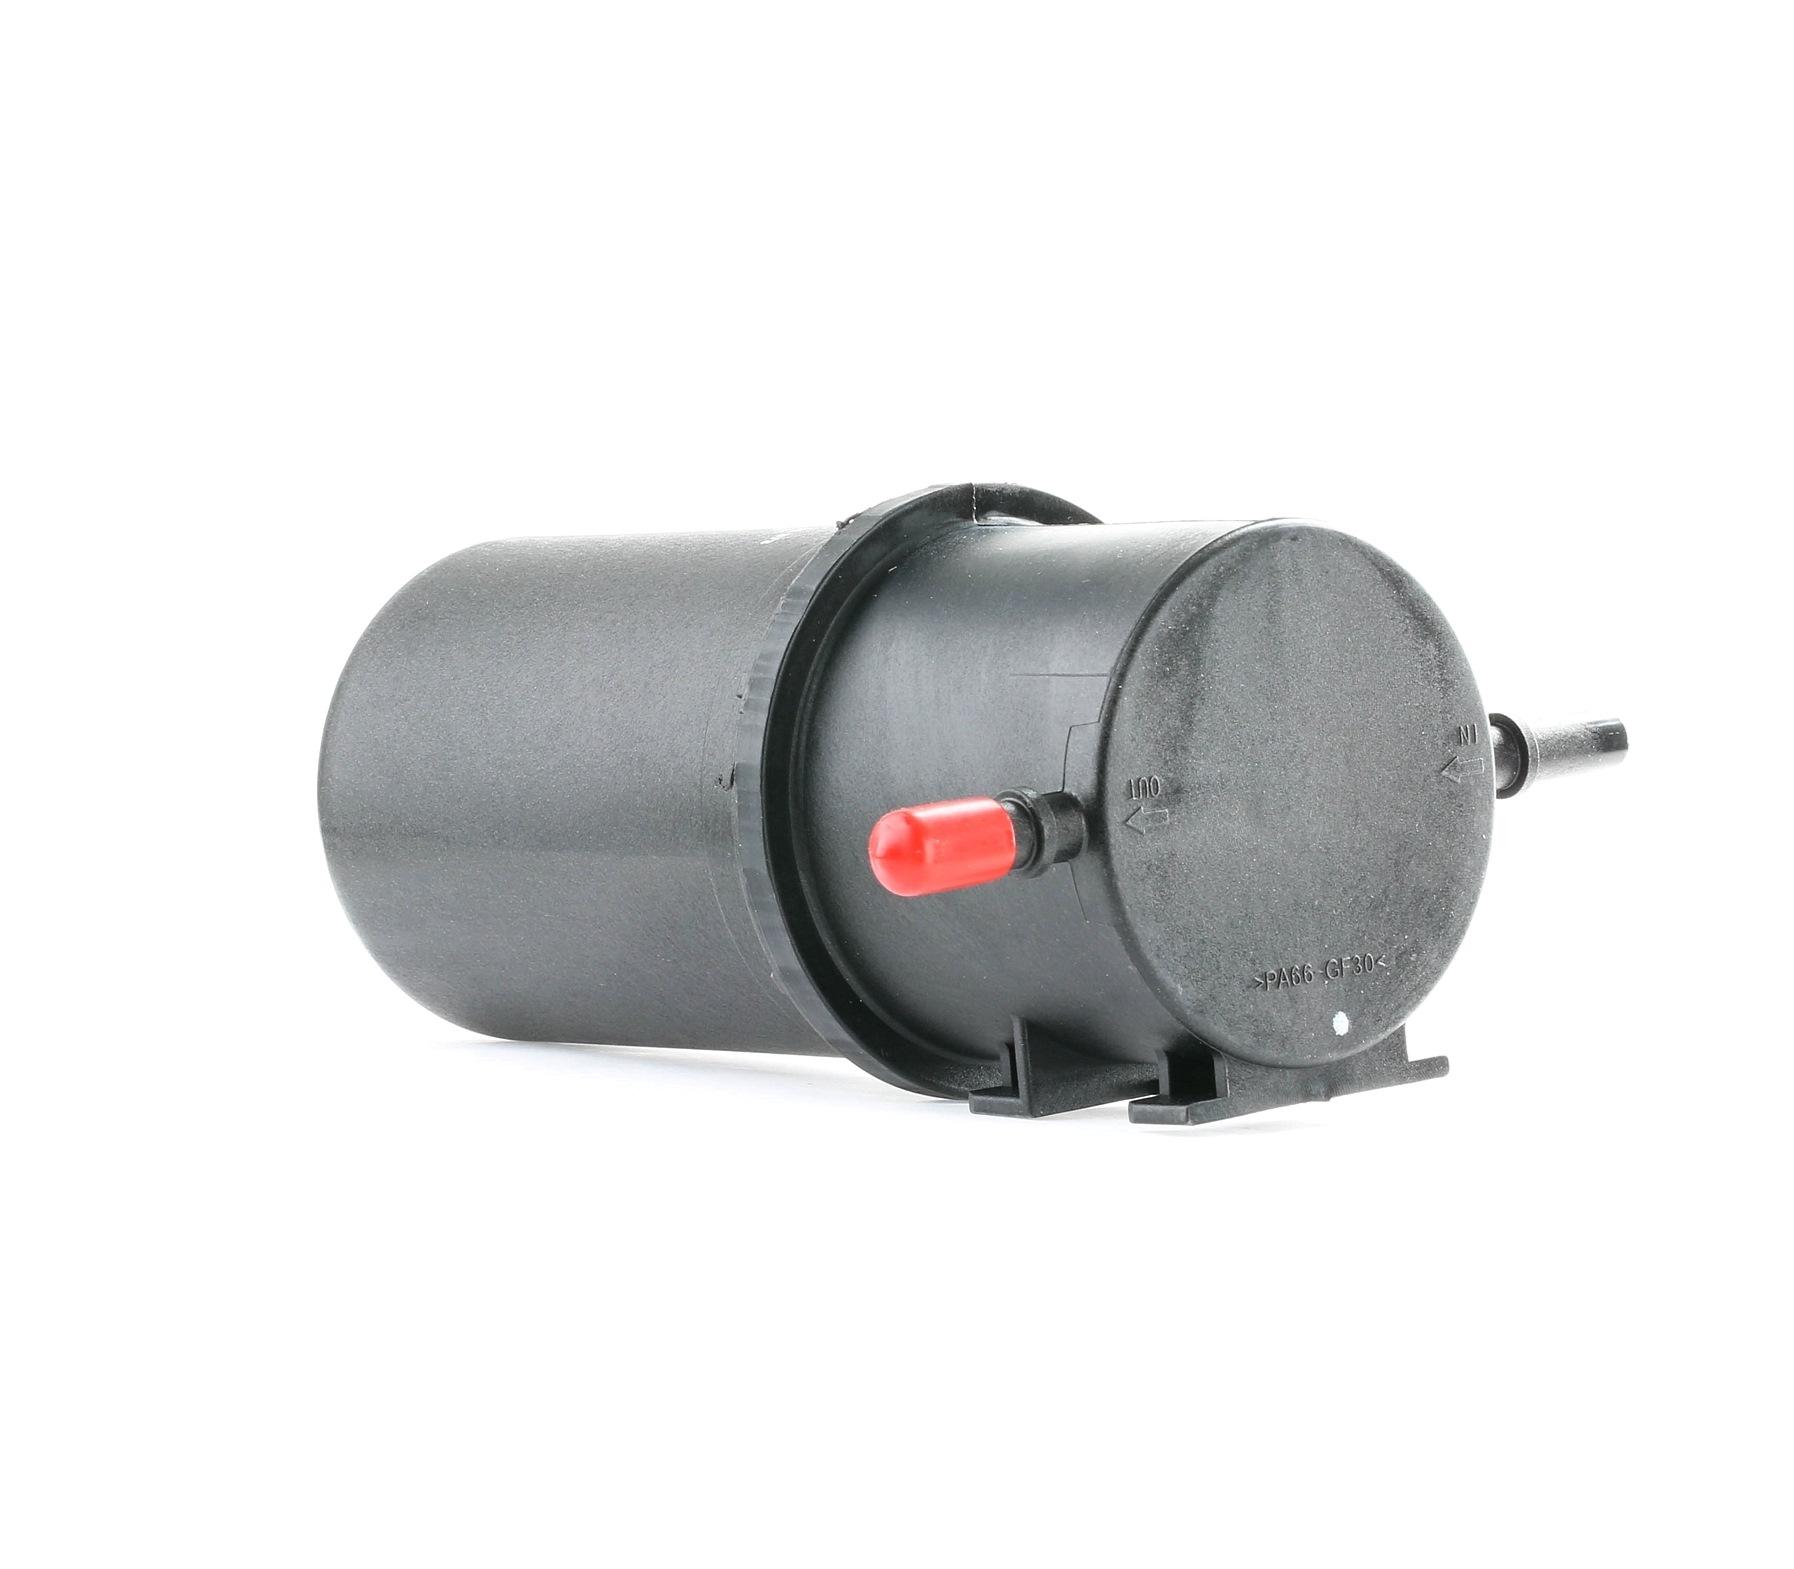 Palivový filtr KL 873 s vynikajícím poměrem mezi cenou a MAHLE ORIGINAL kvalitou